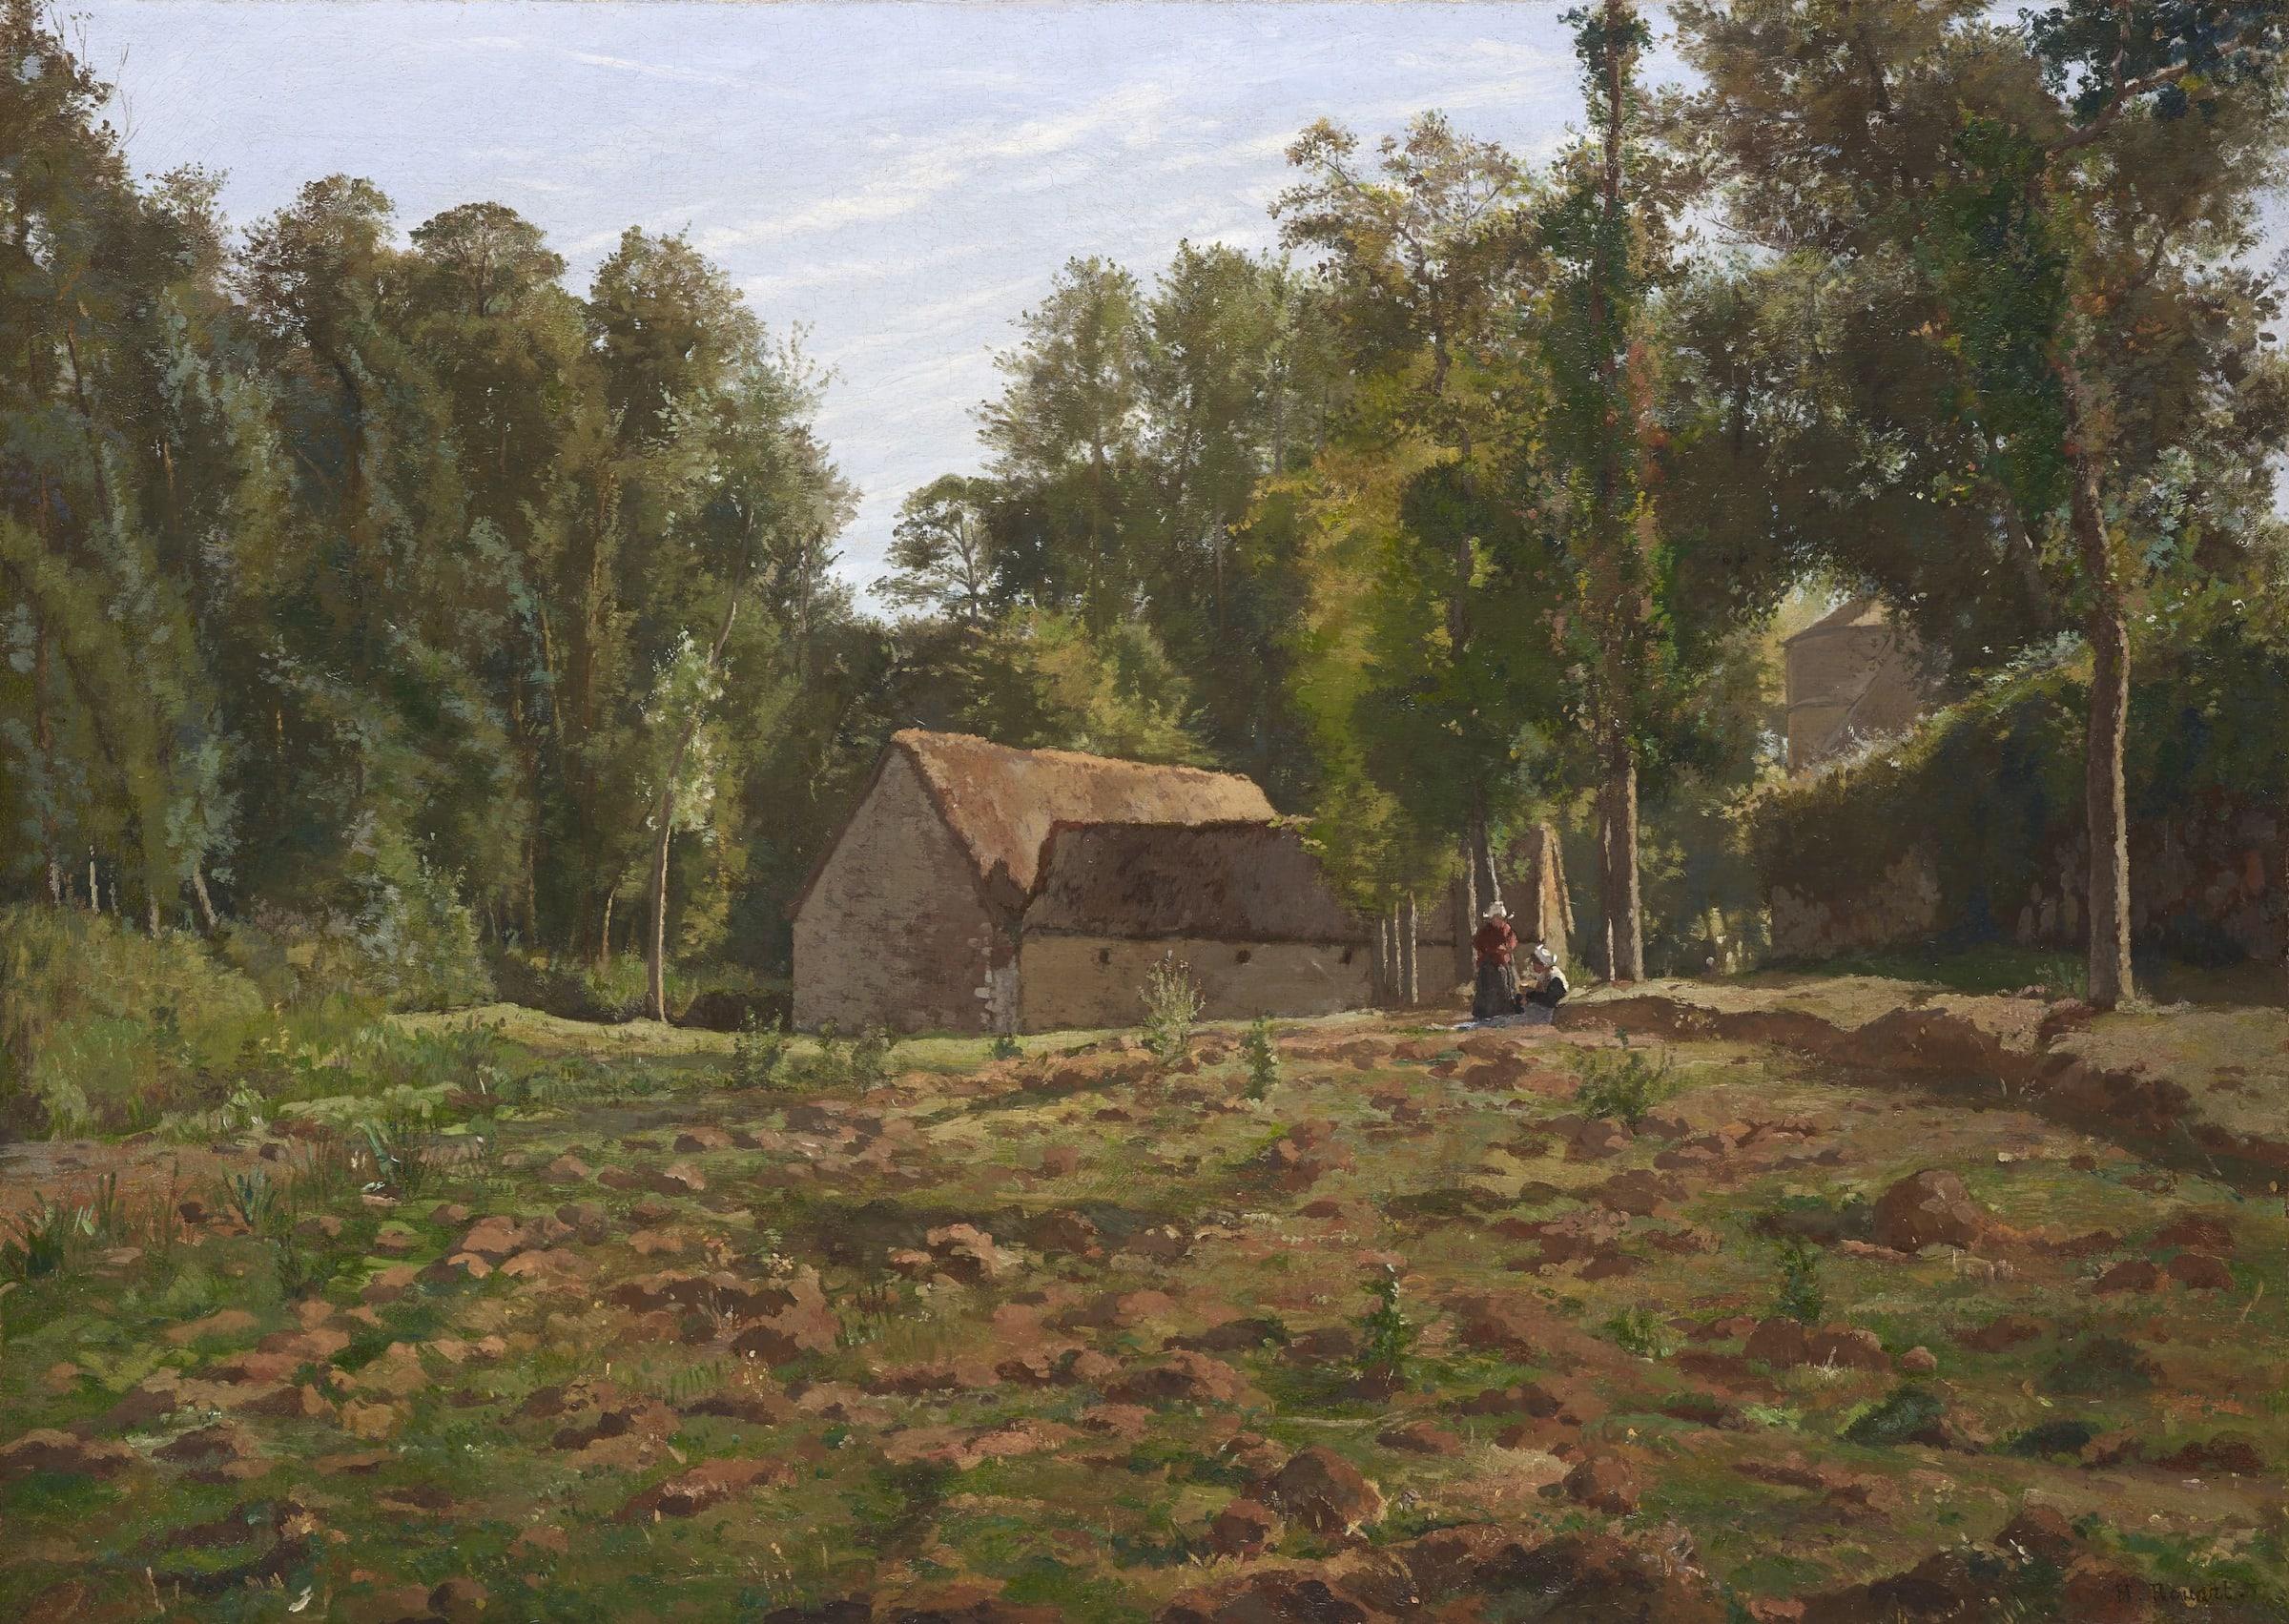 """<span class=""""link fancybox-details-link""""><a href=""""/artists/73-henri-rouart/works/9416-henri-rouart-paysannes-la-ferme-c.a-1885/"""">View Detail Page</a></span><div class=""""artist""""><span class=""""artist""""><strong>Henri Rouart</strong></span></div><div class=""""title""""><em>Paysannes à la Ferme,</em>, c.a 1885</div><div class=""""signed_and_dated"""">Signed lower right H. Rouart</div><div class=""""medium"""">Oil on canvas</div><div class=""""dimensions"""">65.9 x 92.2 cm<br /> 26 x 36 3/8 inches</div>"""